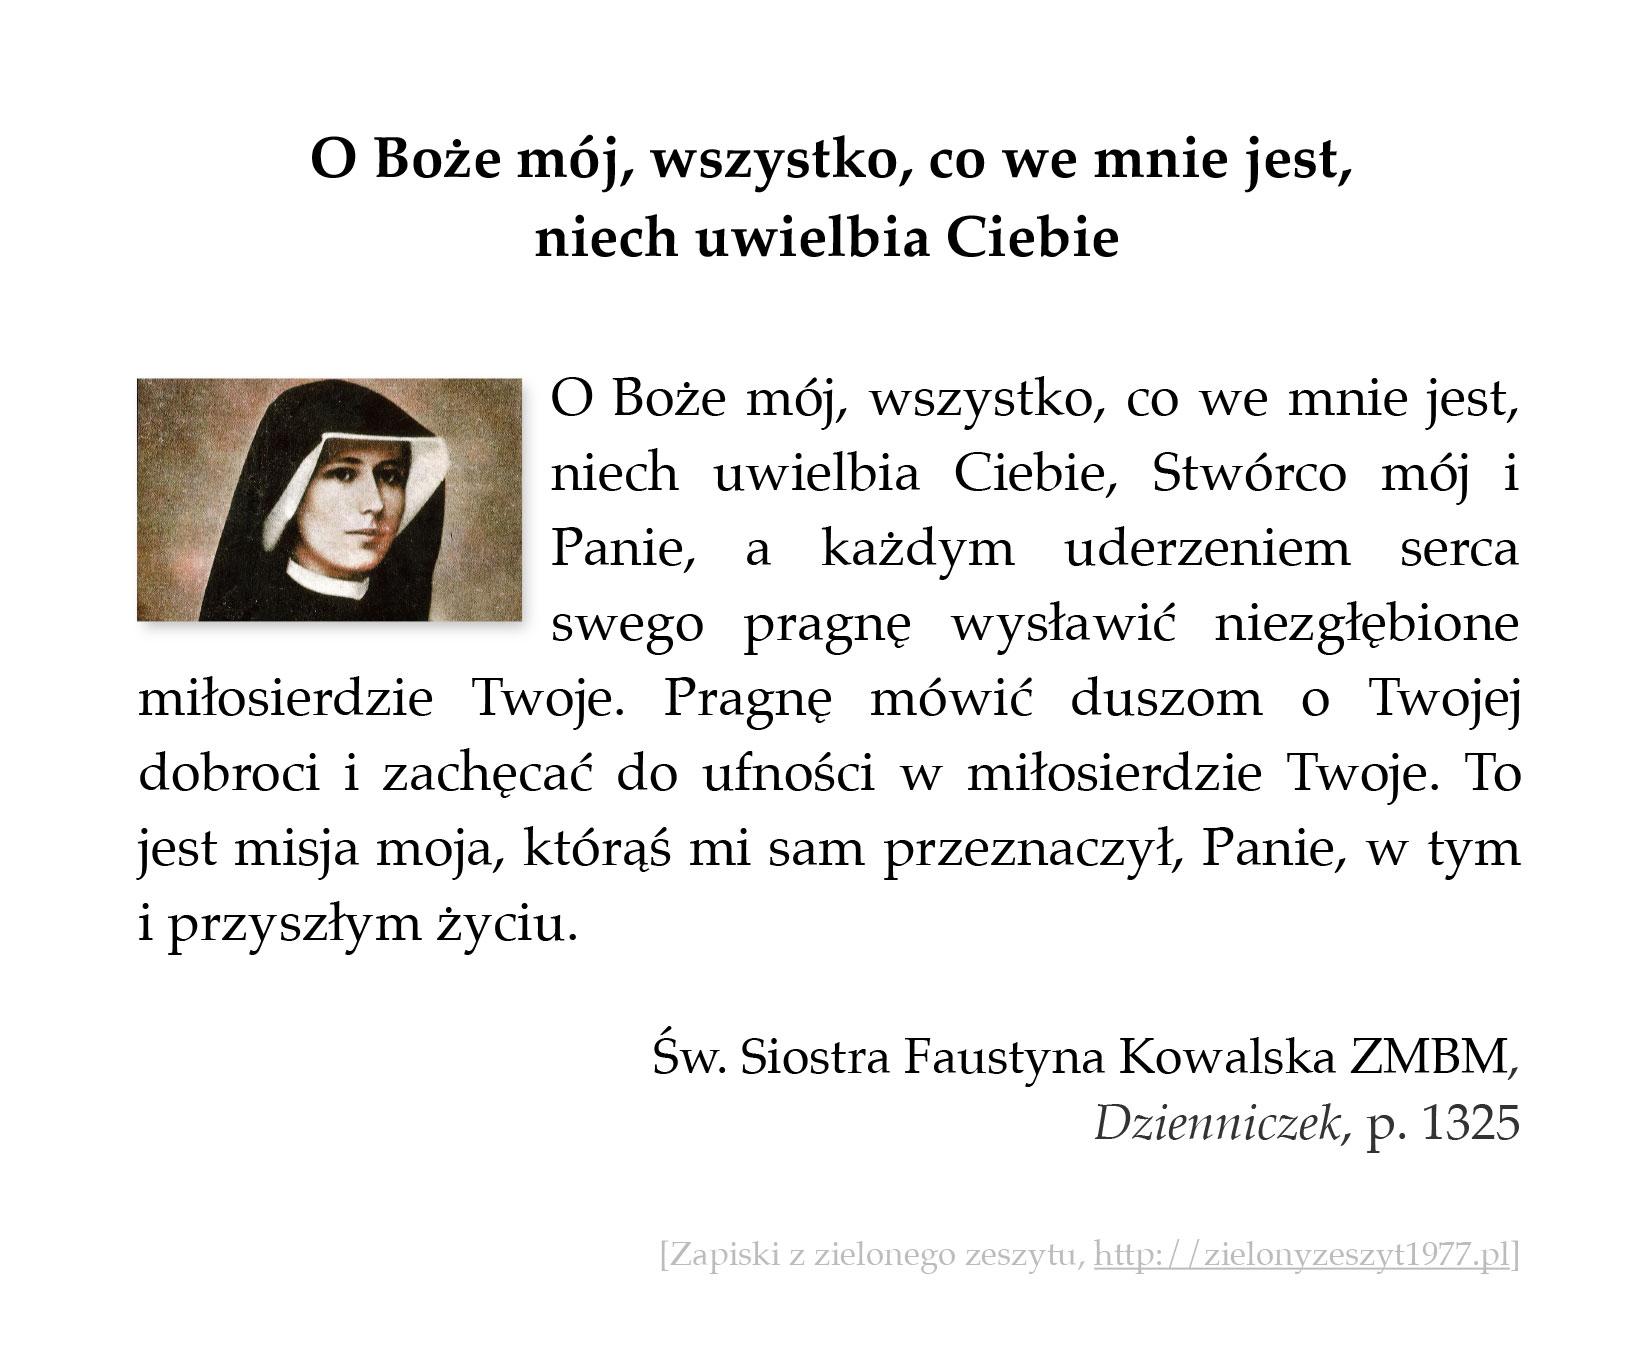 O Boże mój, wszystko, co we mnie jest, niech uwielbia Ciebie; św. Faustyna Kowalska